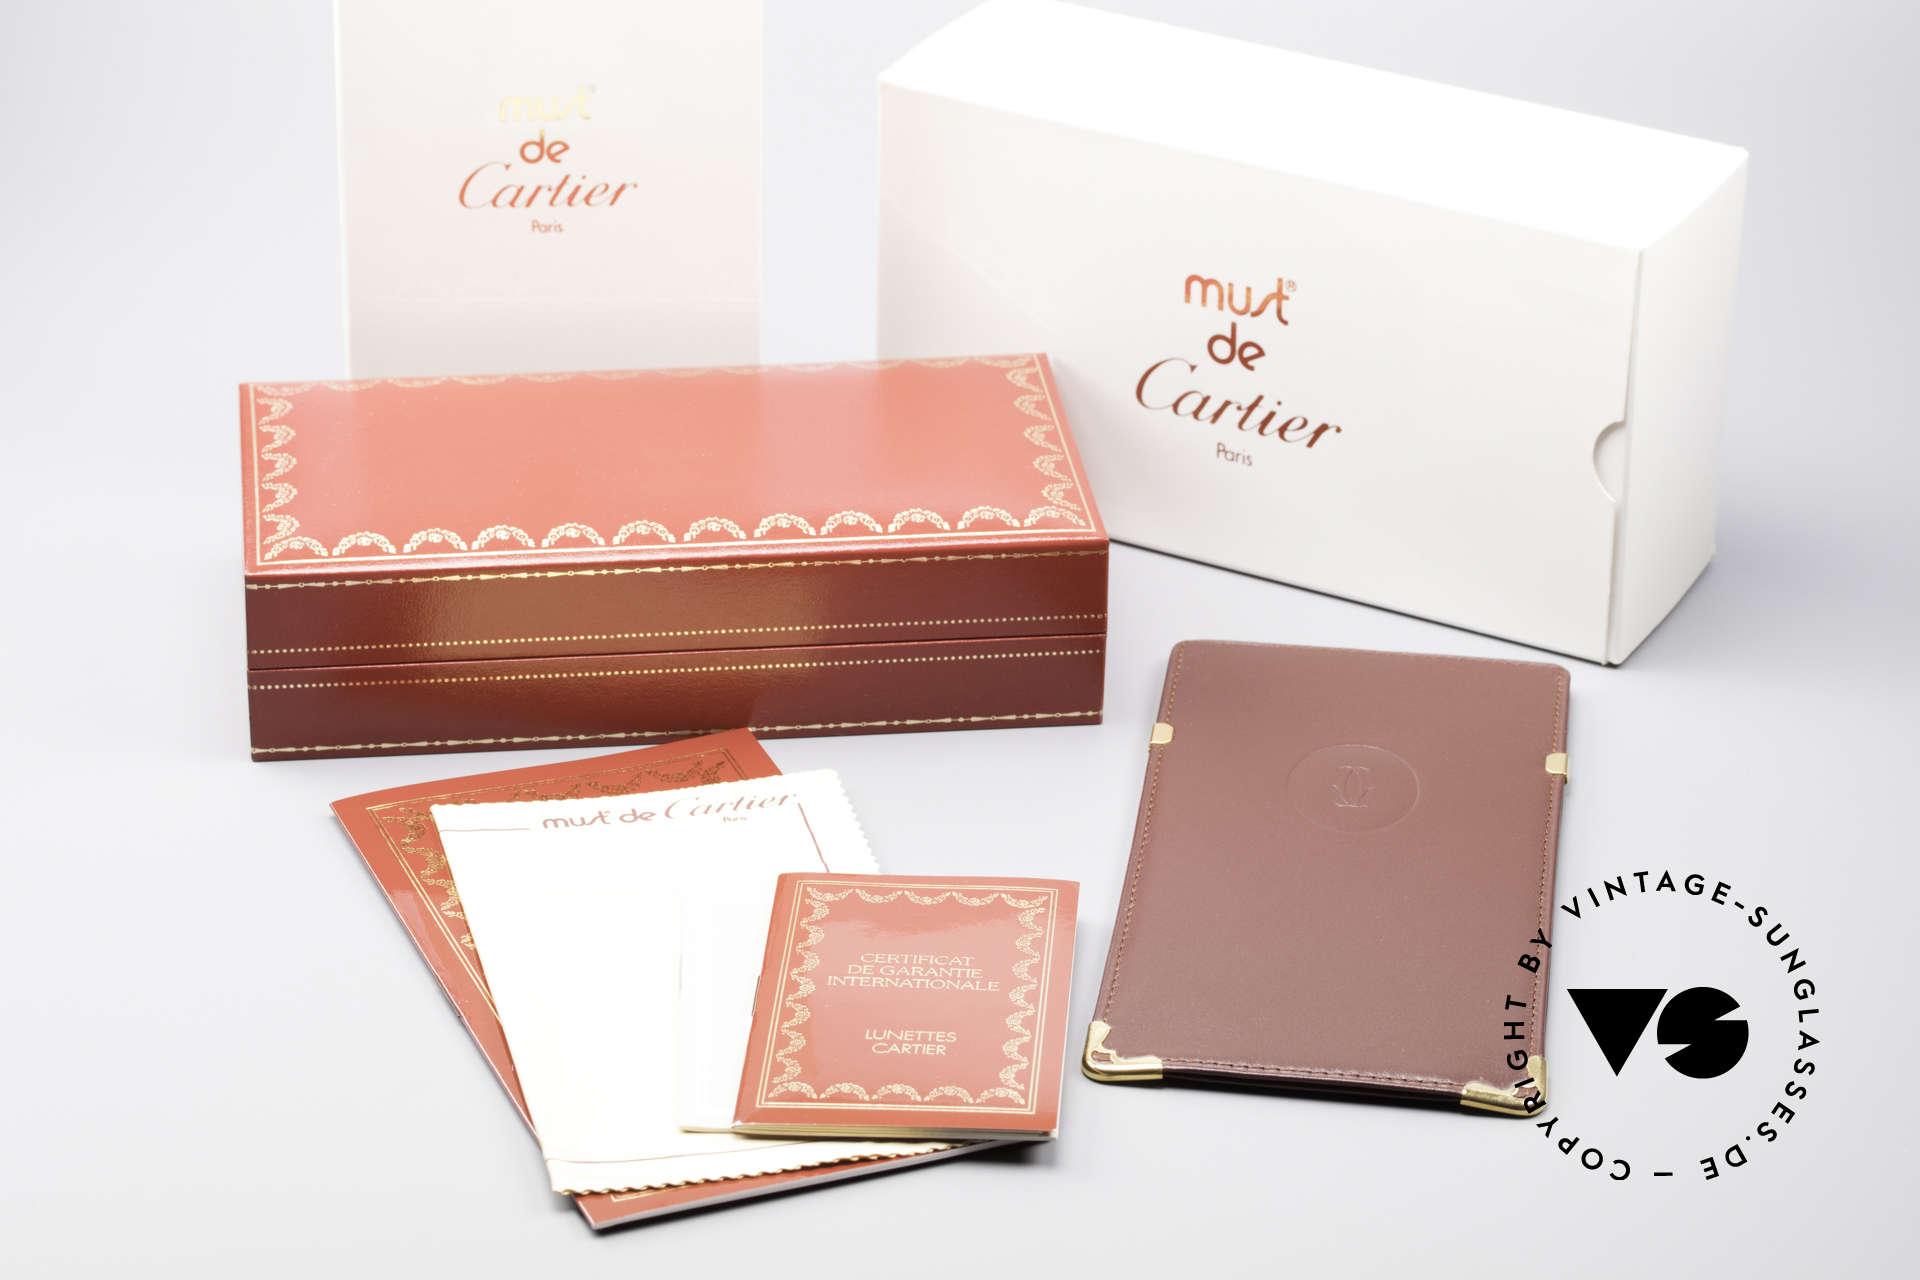 Cartier Vendome Laque - L Mystic Cartier Mineral Lenses, Size: large, Made for Men